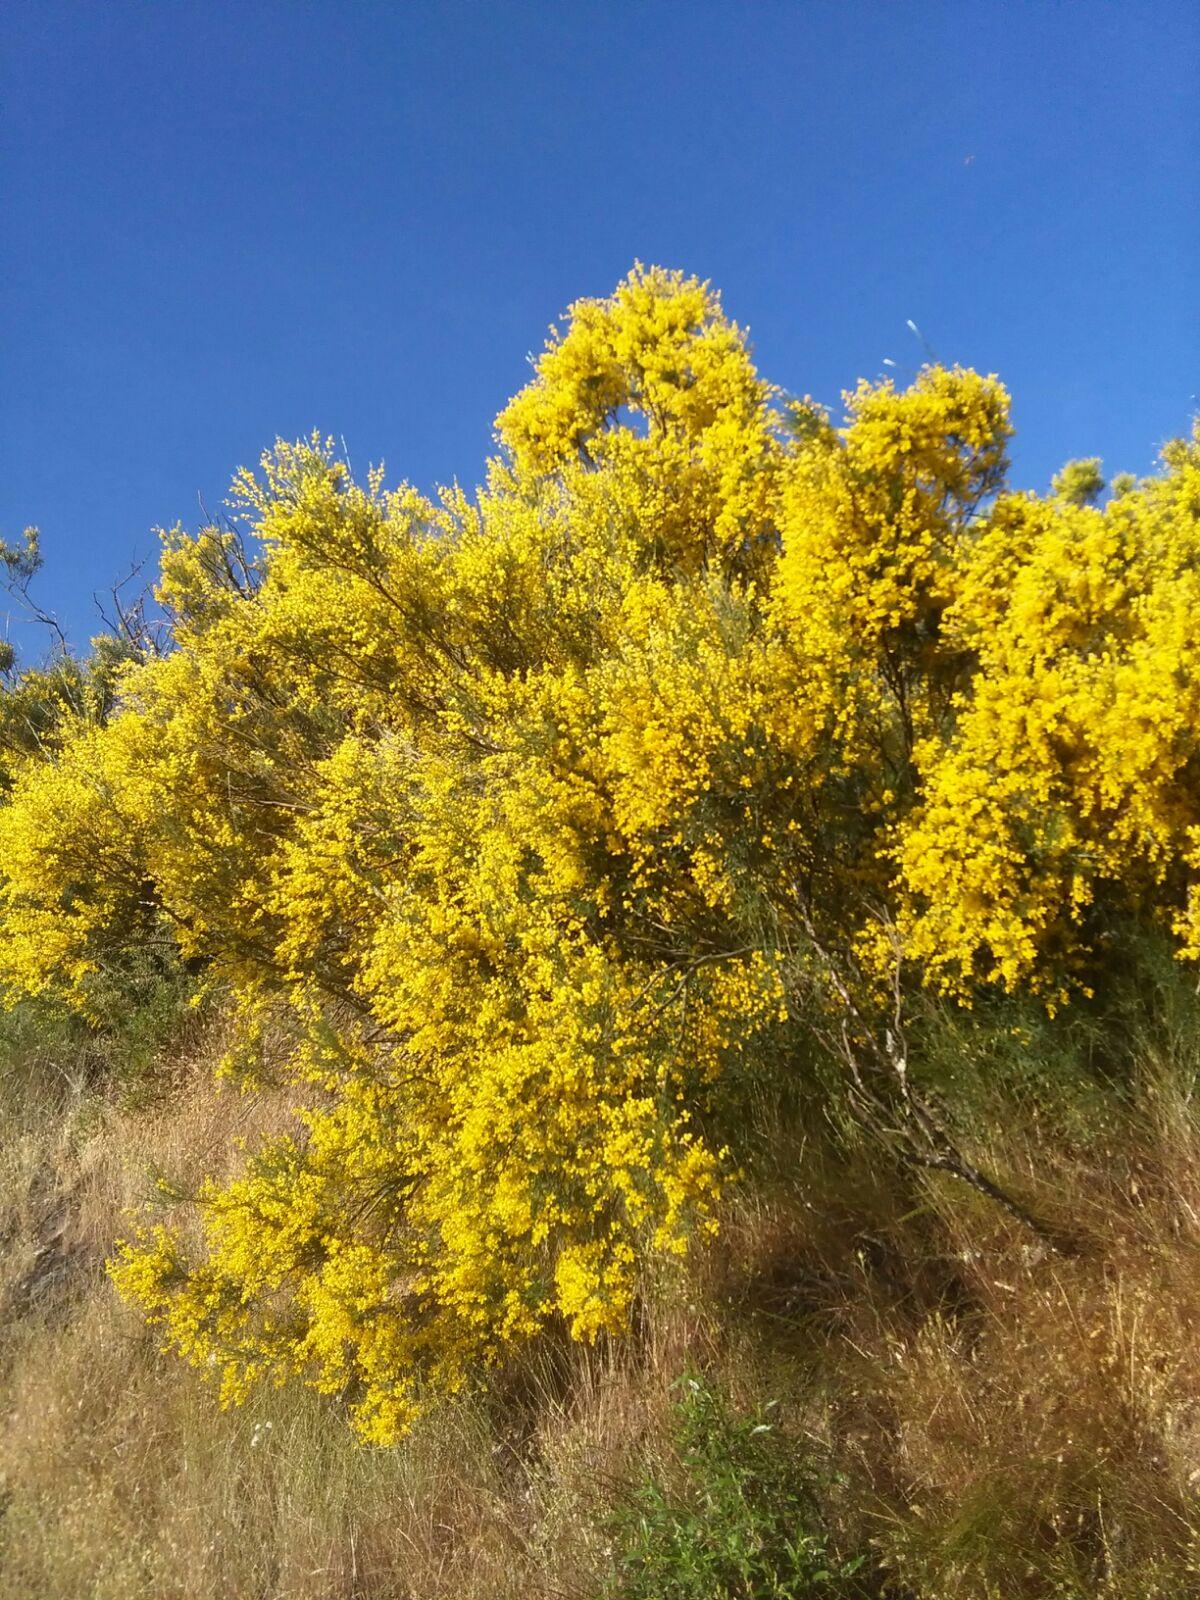 En Gallegos del Campo son numerosos los parajes donde abunda esta planta, destacando el paraje de Bocagundino y de Mazada.